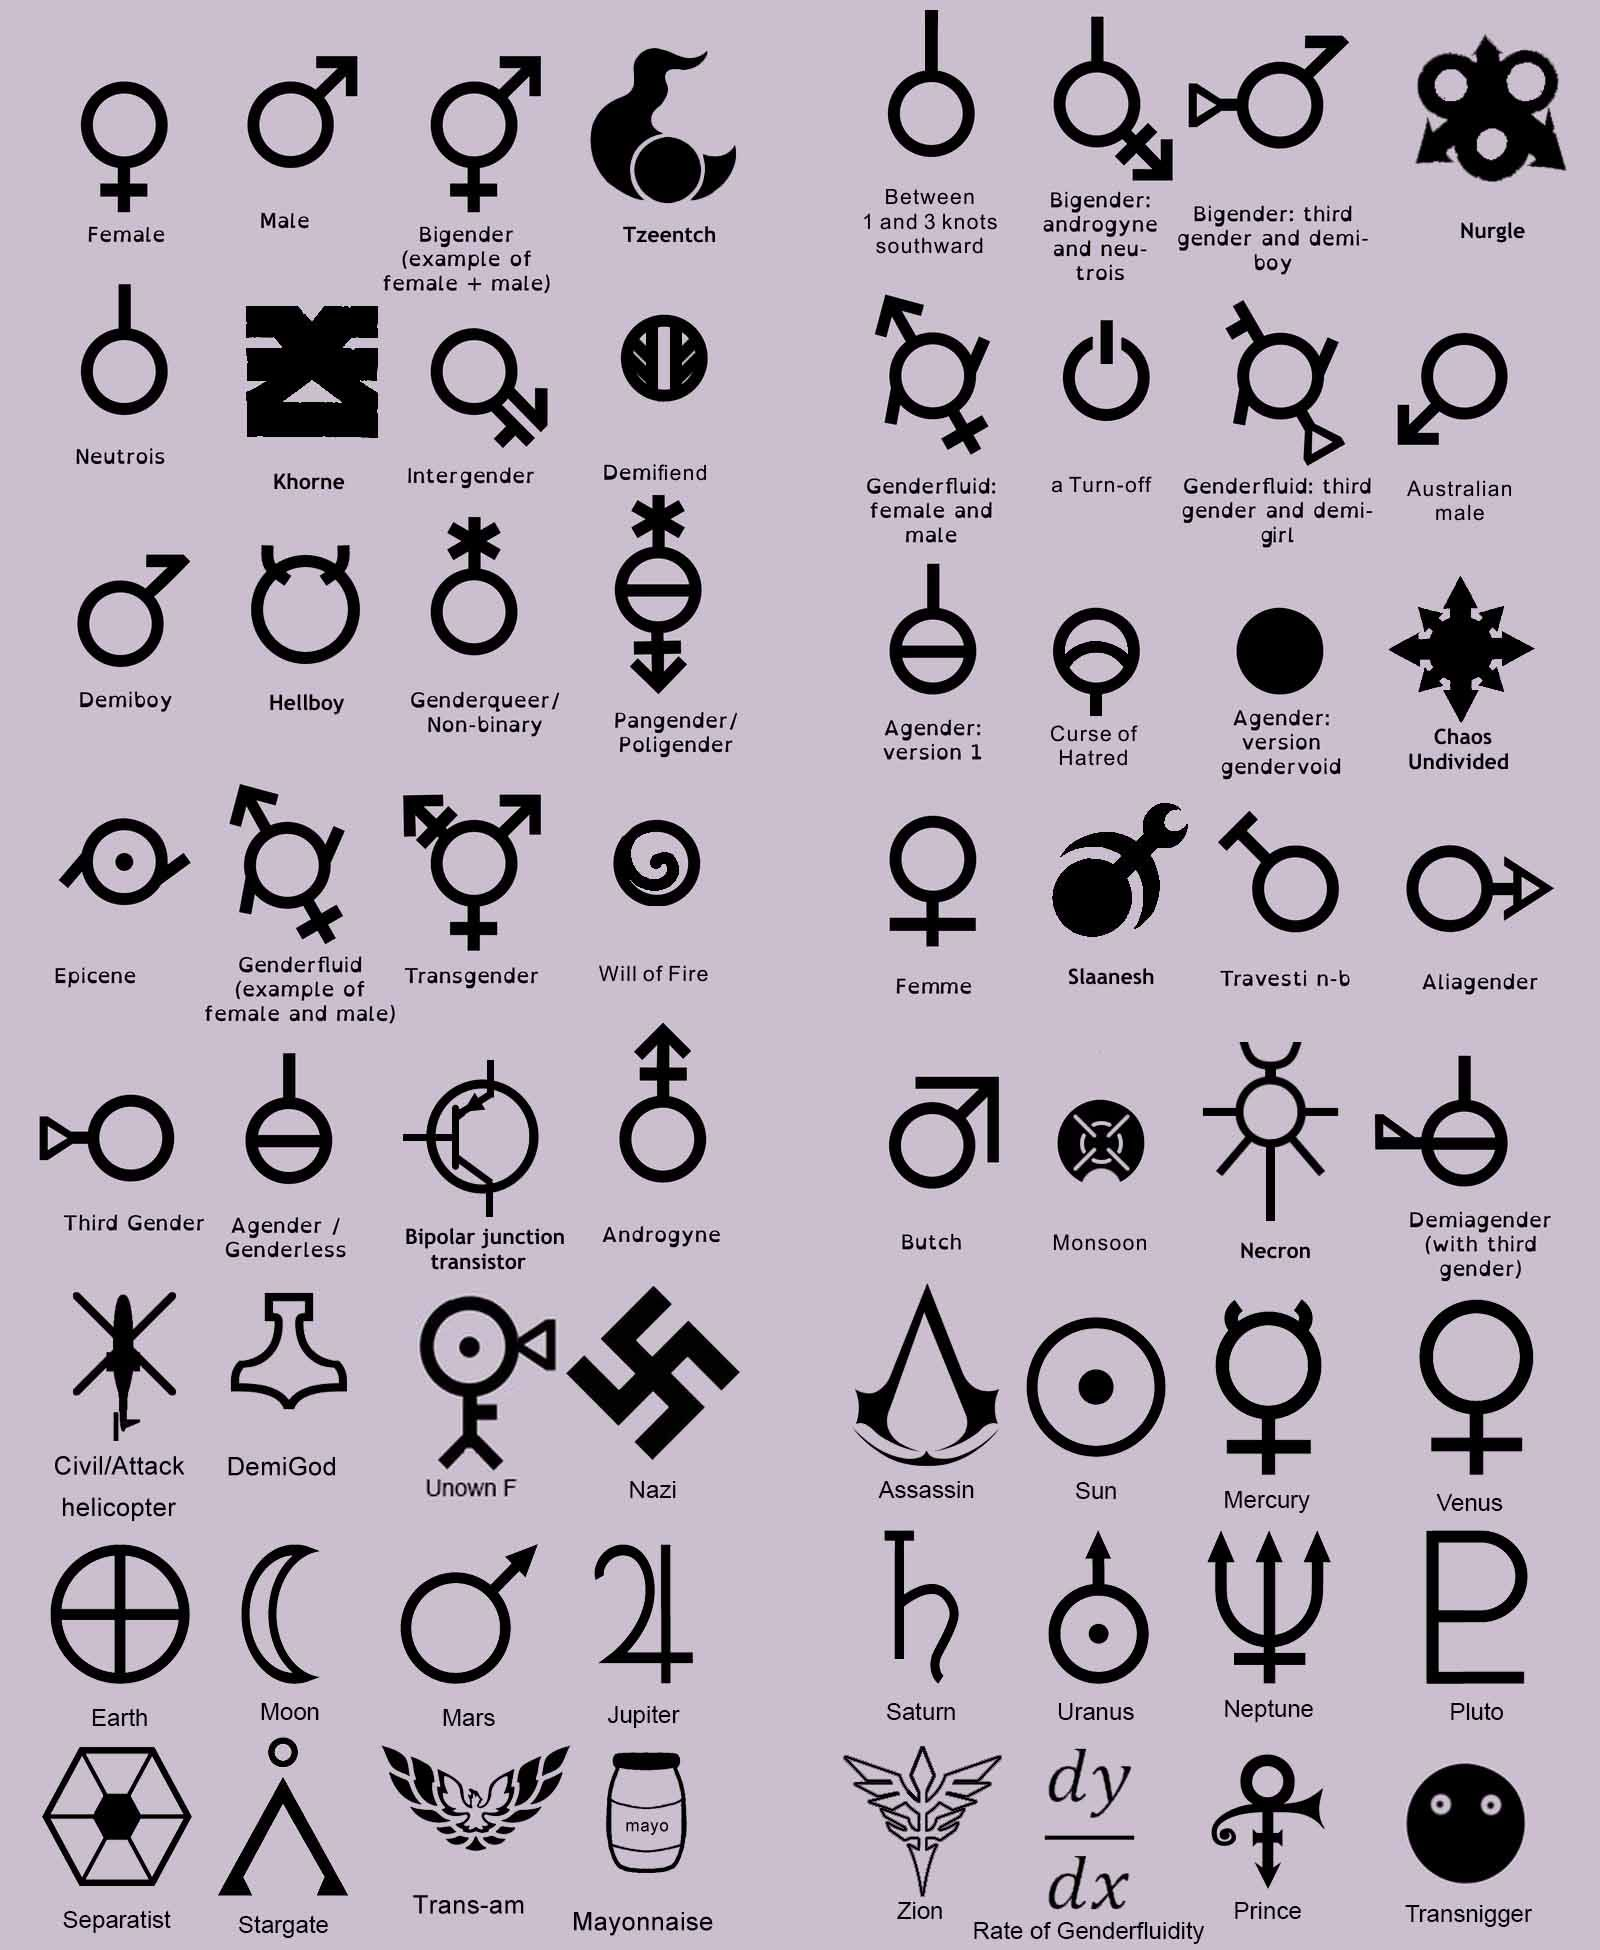 5c4fc0f7ffbf798fd83c9ed8c0456ad4 pin by jack hunter on random pinterest gender and meme